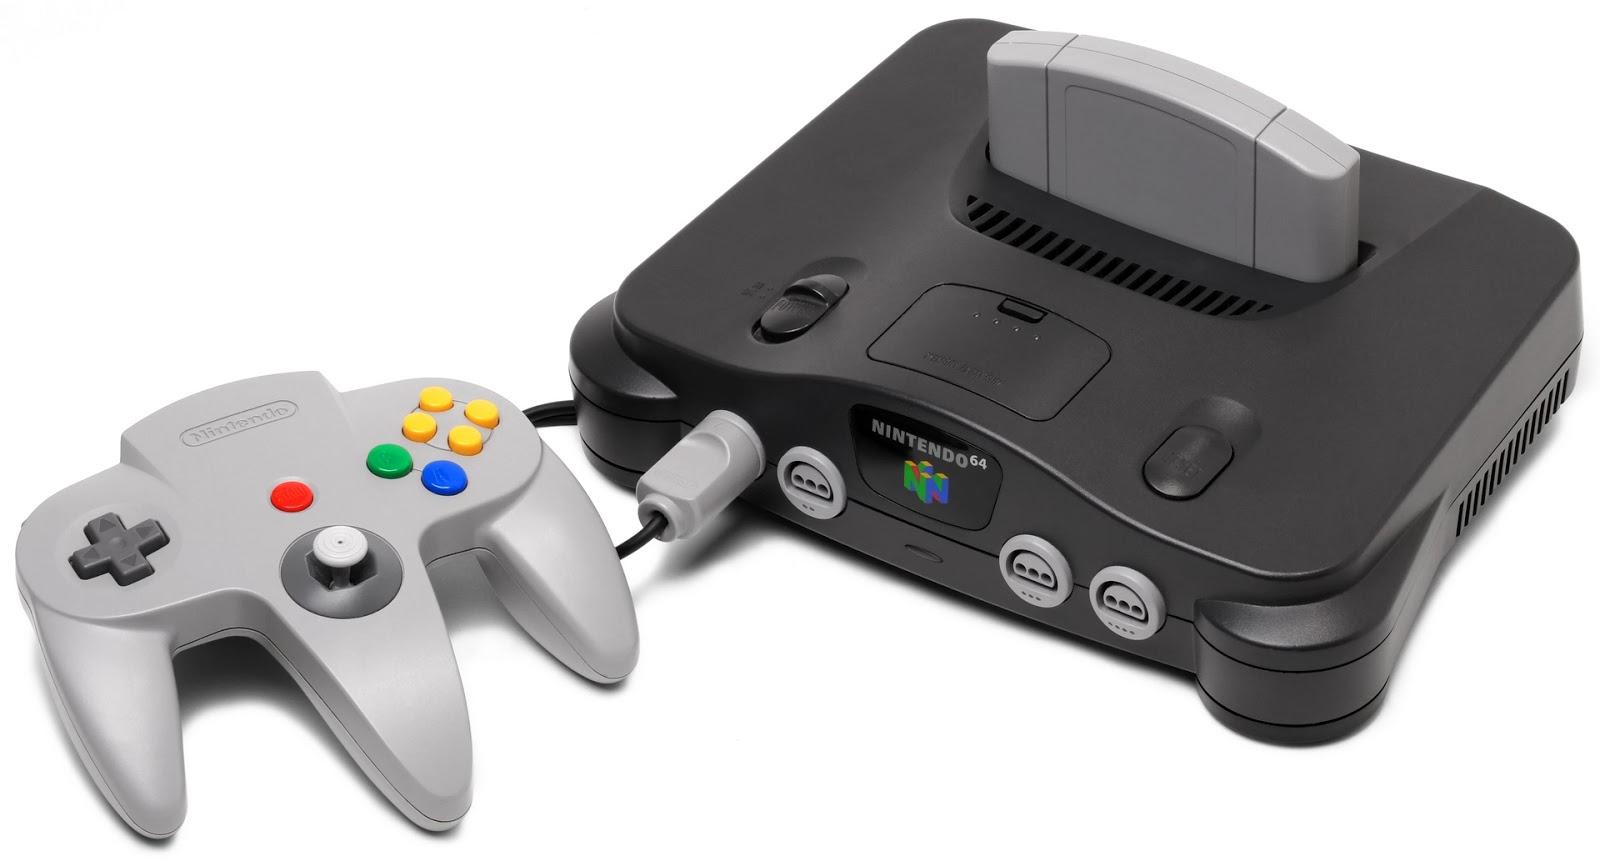 Analistas hablan de una supuesta Nintendo 64 mini